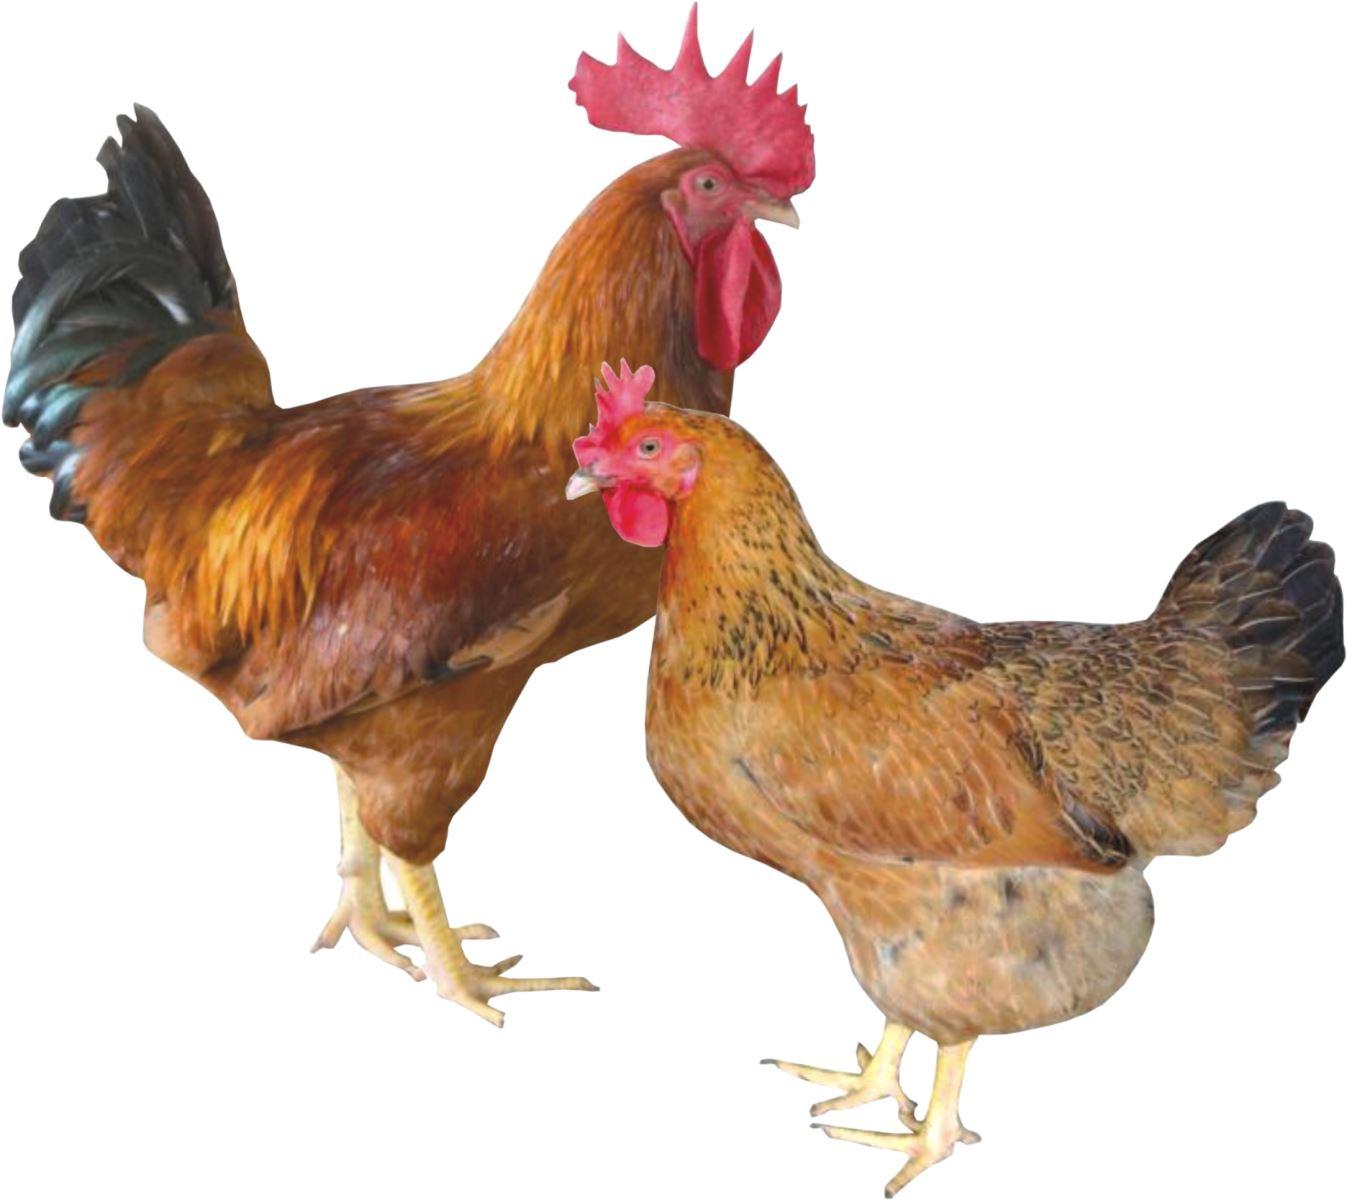 Nên đánh số mấy khi thấy gà xuất hiện trong giấc mơ của mình?